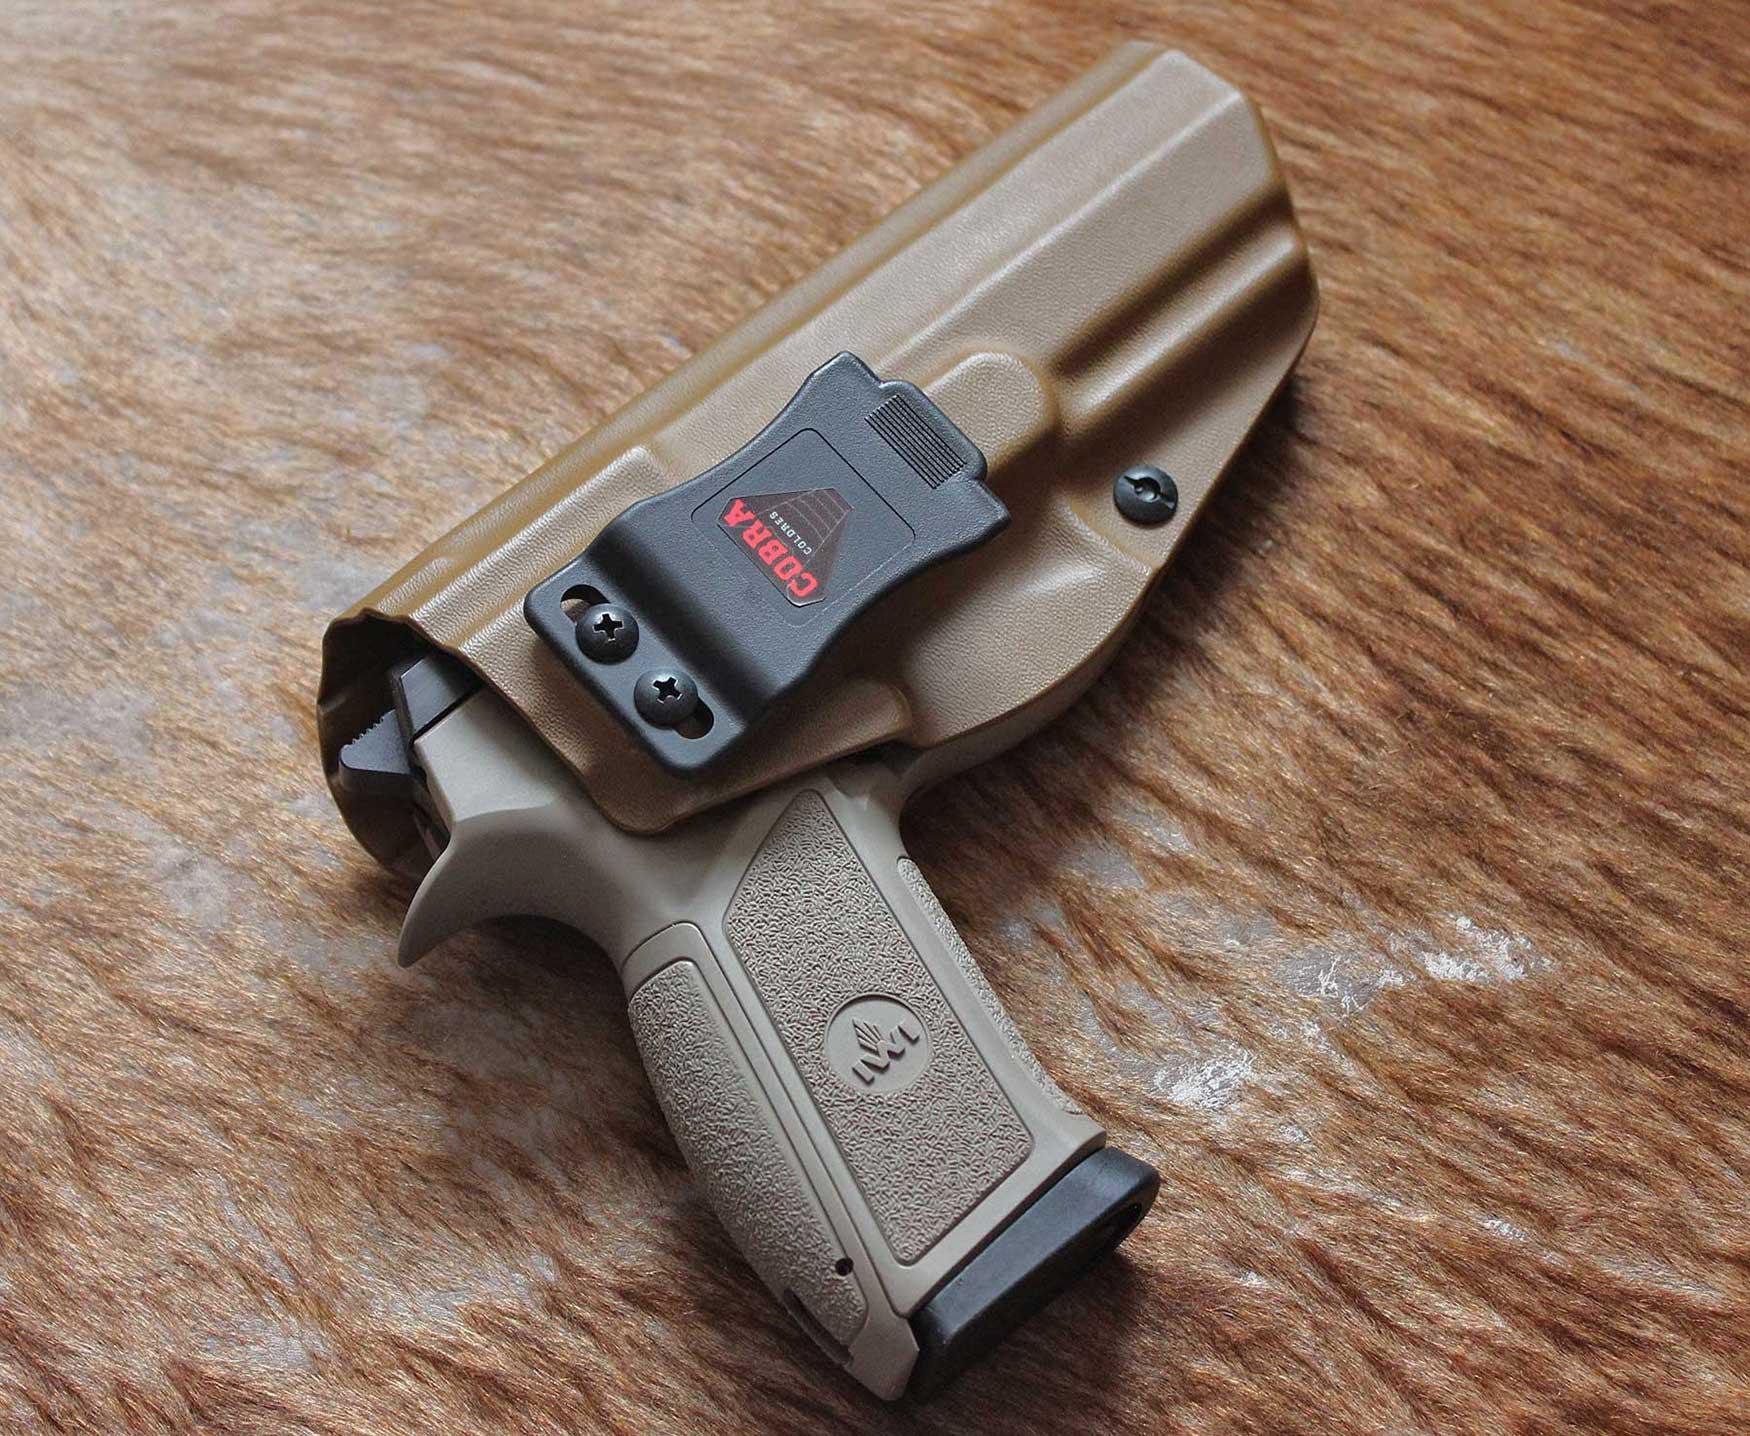 Coldre Cobra IWI [Jericho] [PL 941] - Jerichó Polímero 9mm - Cano 112mm - Saque Rápido Velado -  Kydex® 080 - Coyote